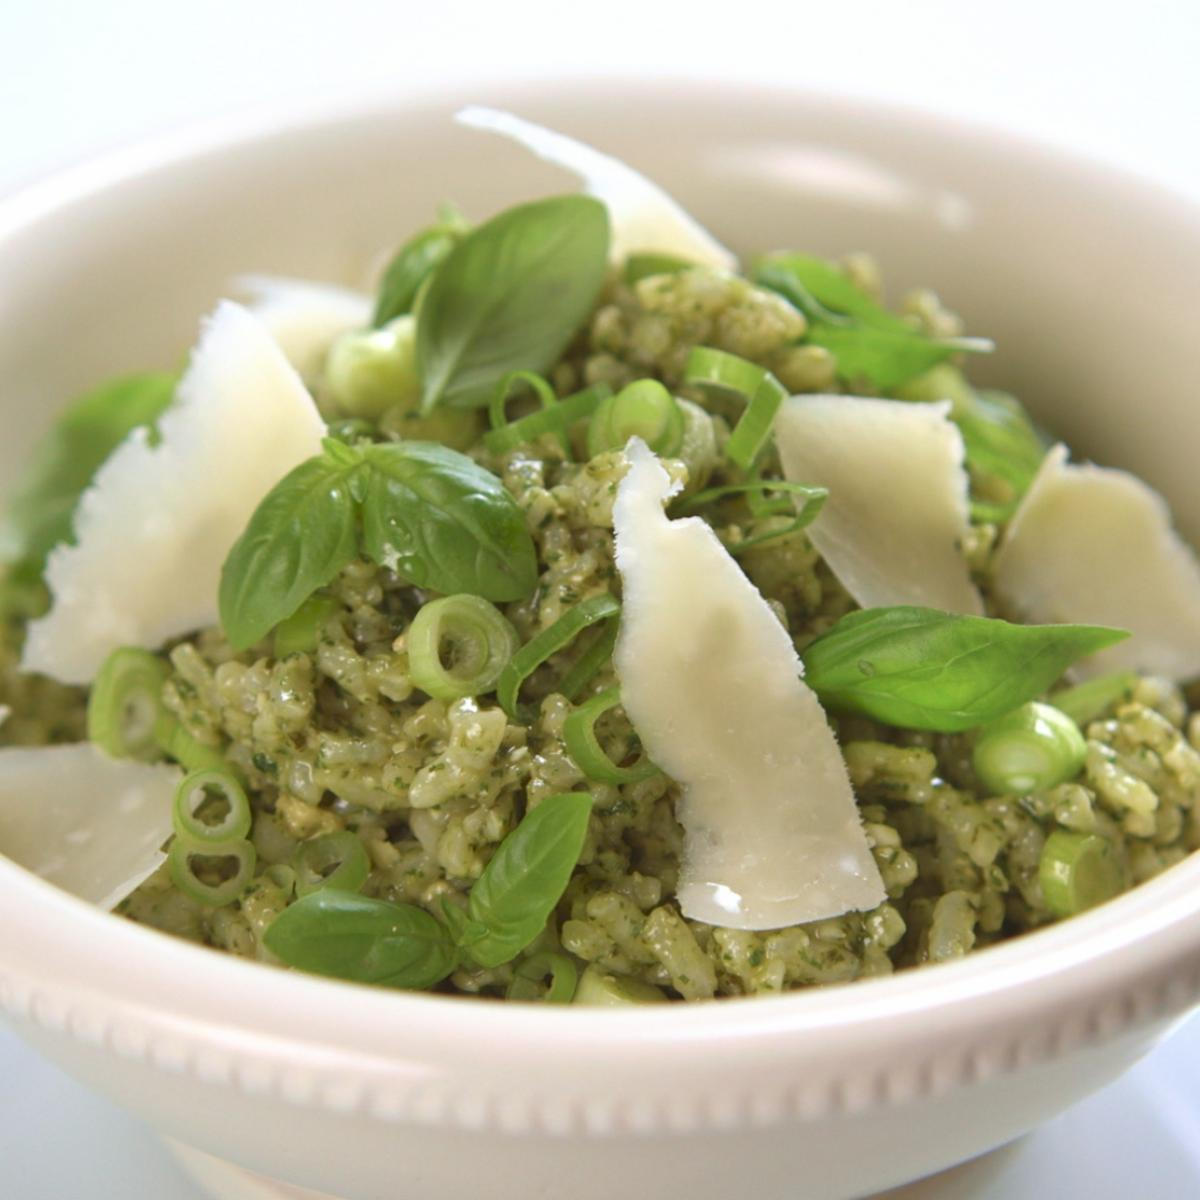 A picture of Delia's Pesto Rice Salad recipe